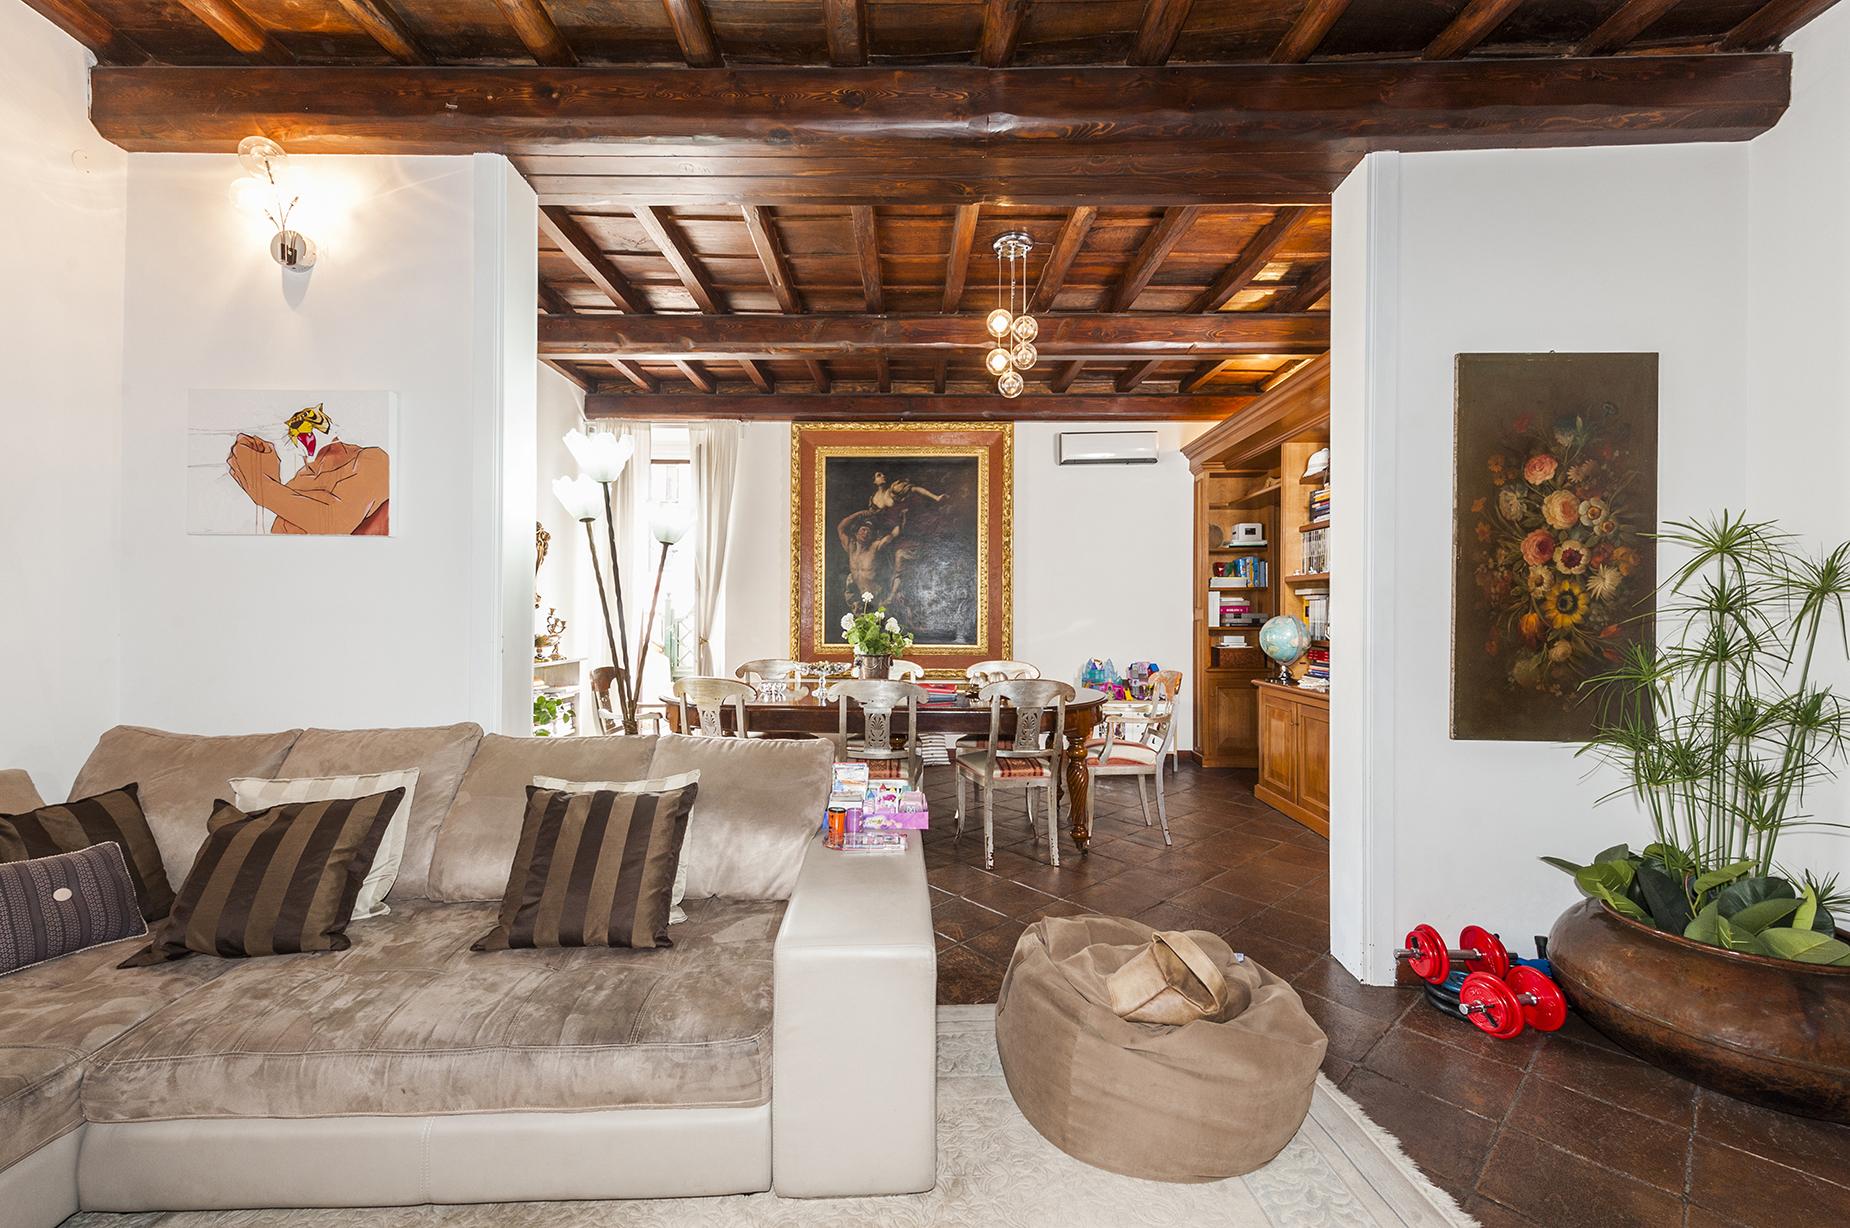 Appartamento in Vendita a Roma 01 Centro Storico: 4 locali, 140 mq